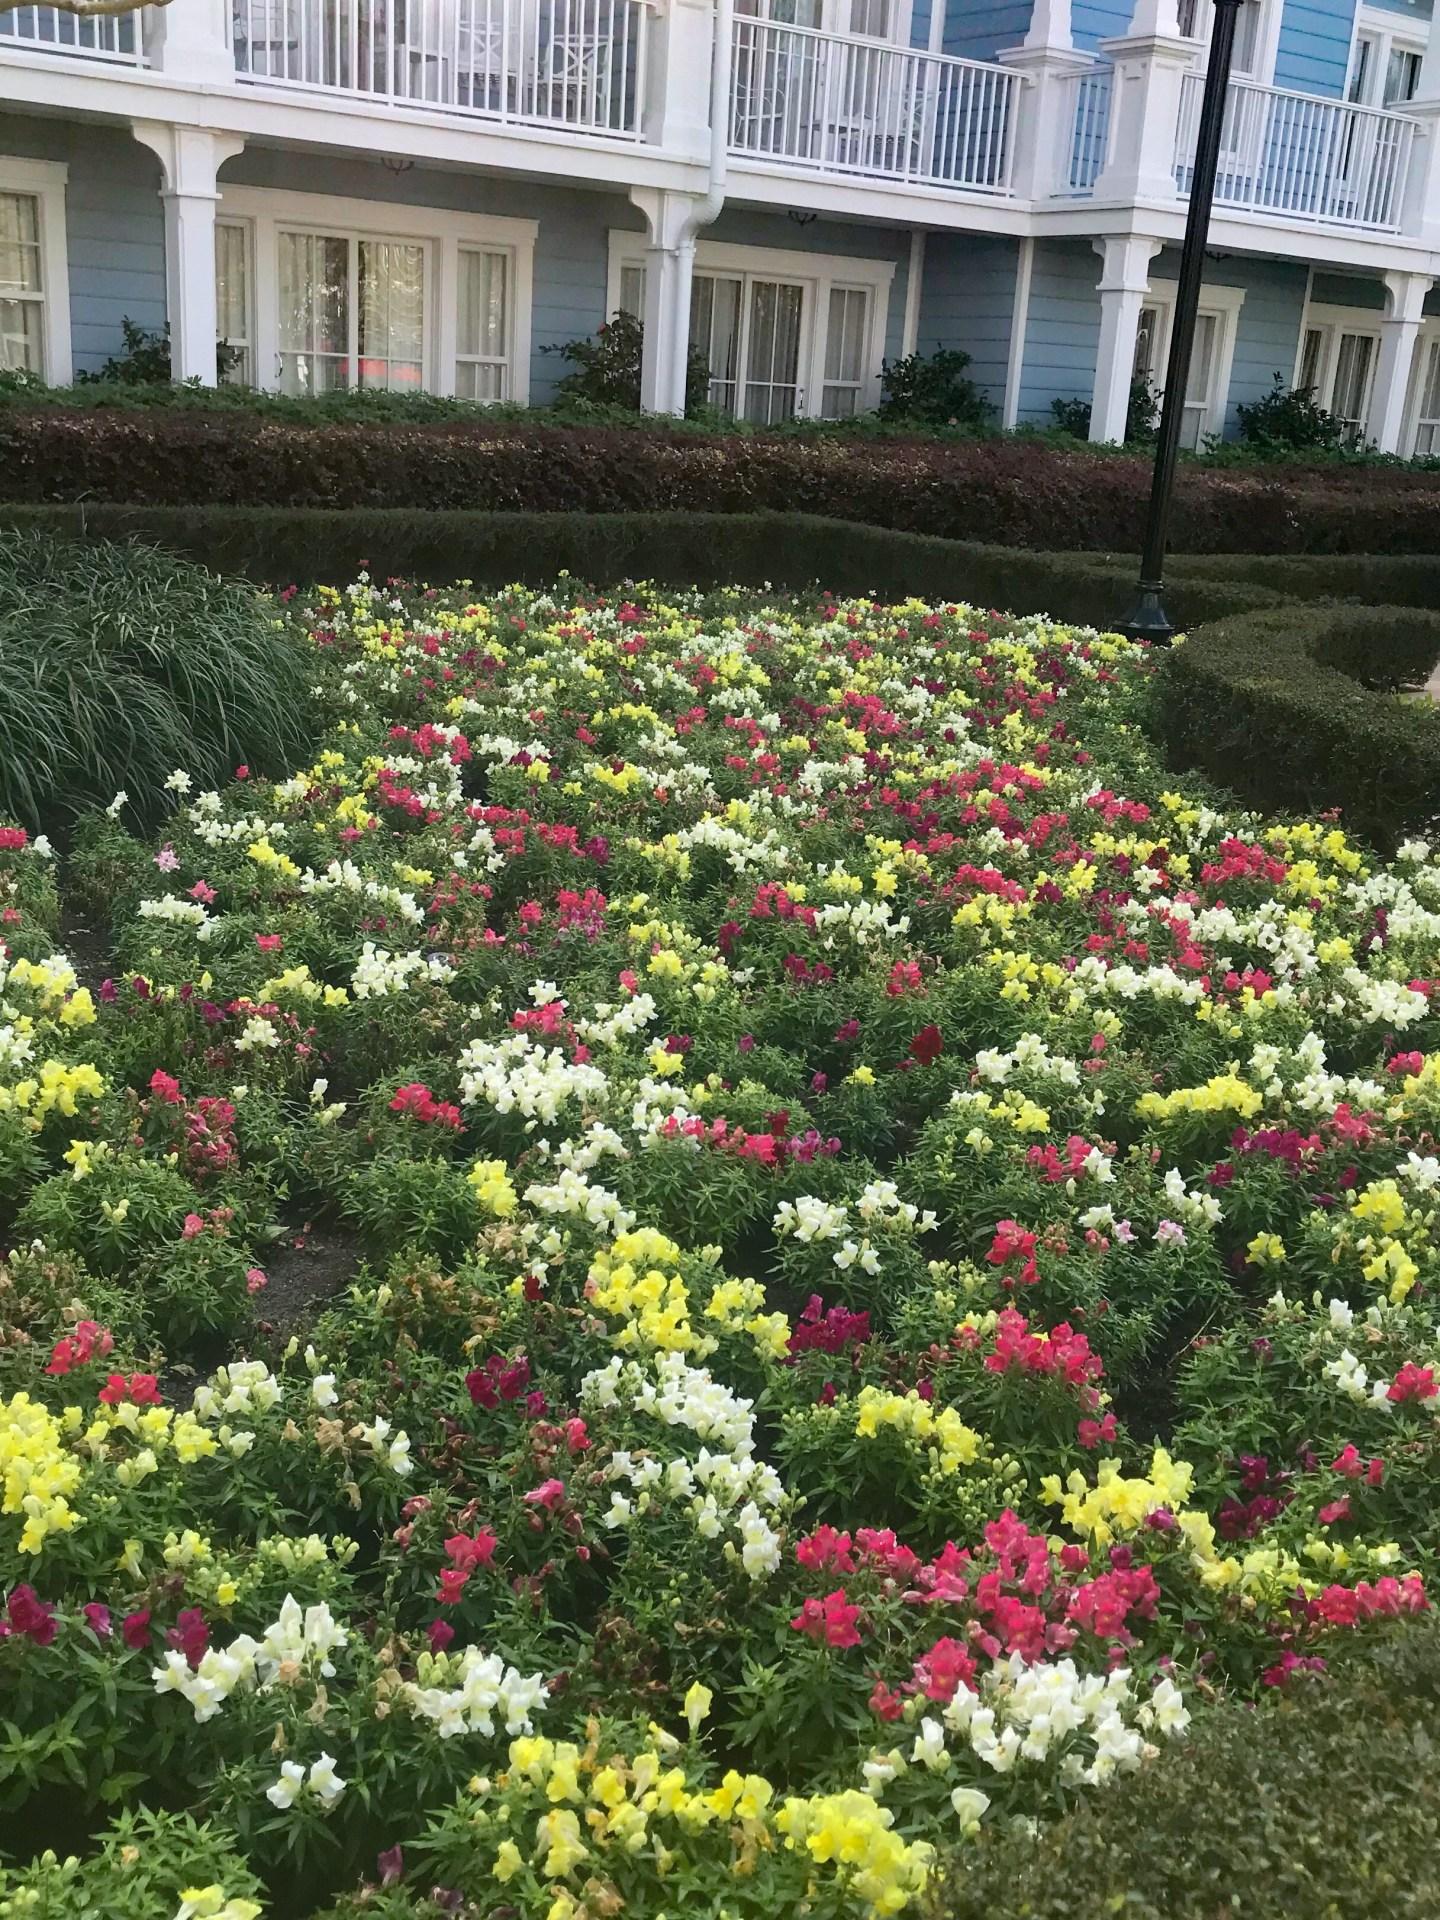 layered-flowers-red-yellow-white